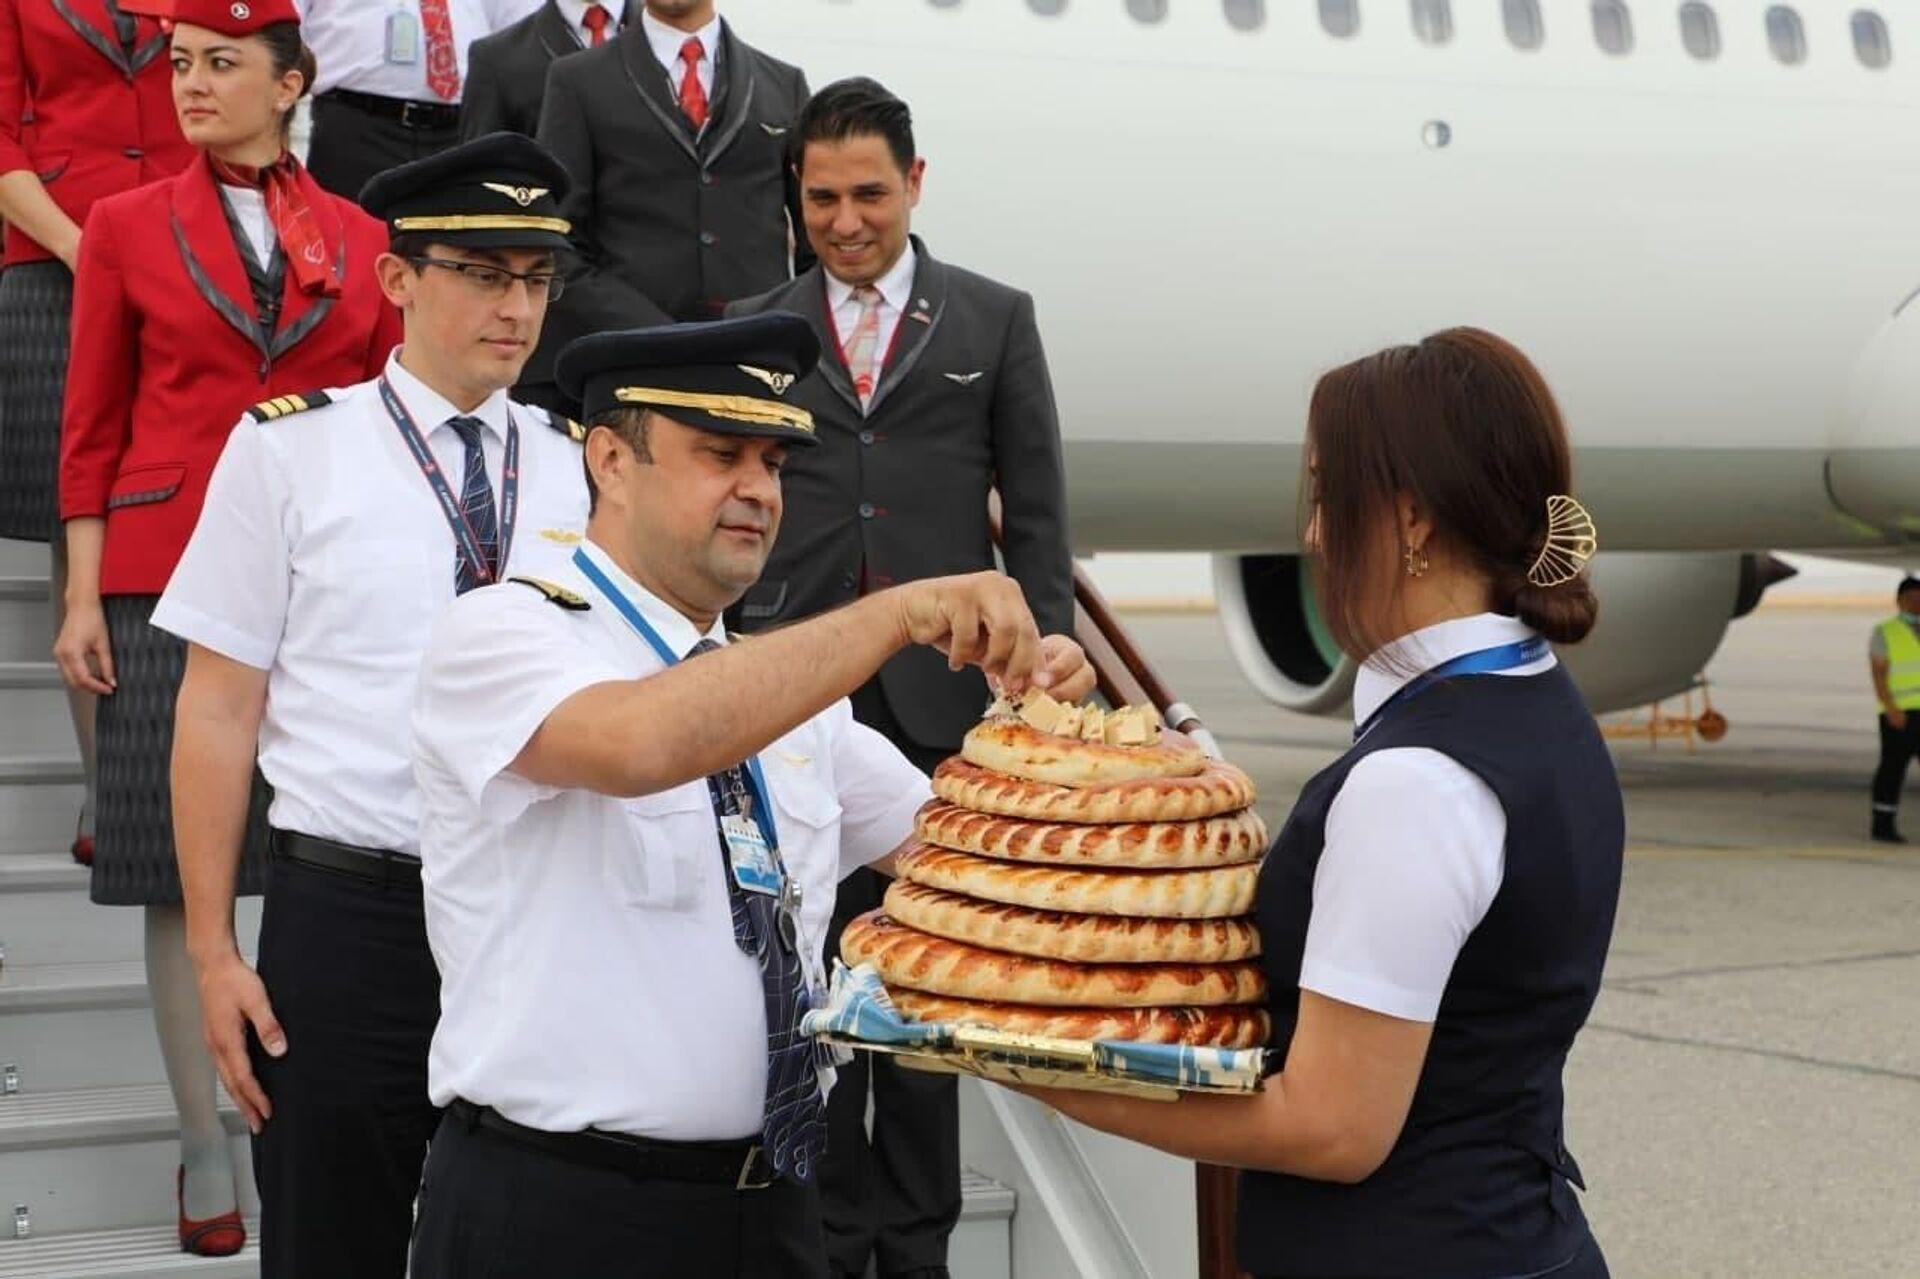 Авиакомпания Turkish Airlines совершила первый рейс из Стамбула в Фергану. - Sputnik Ўзбекистон, 1920, 08.06.2021